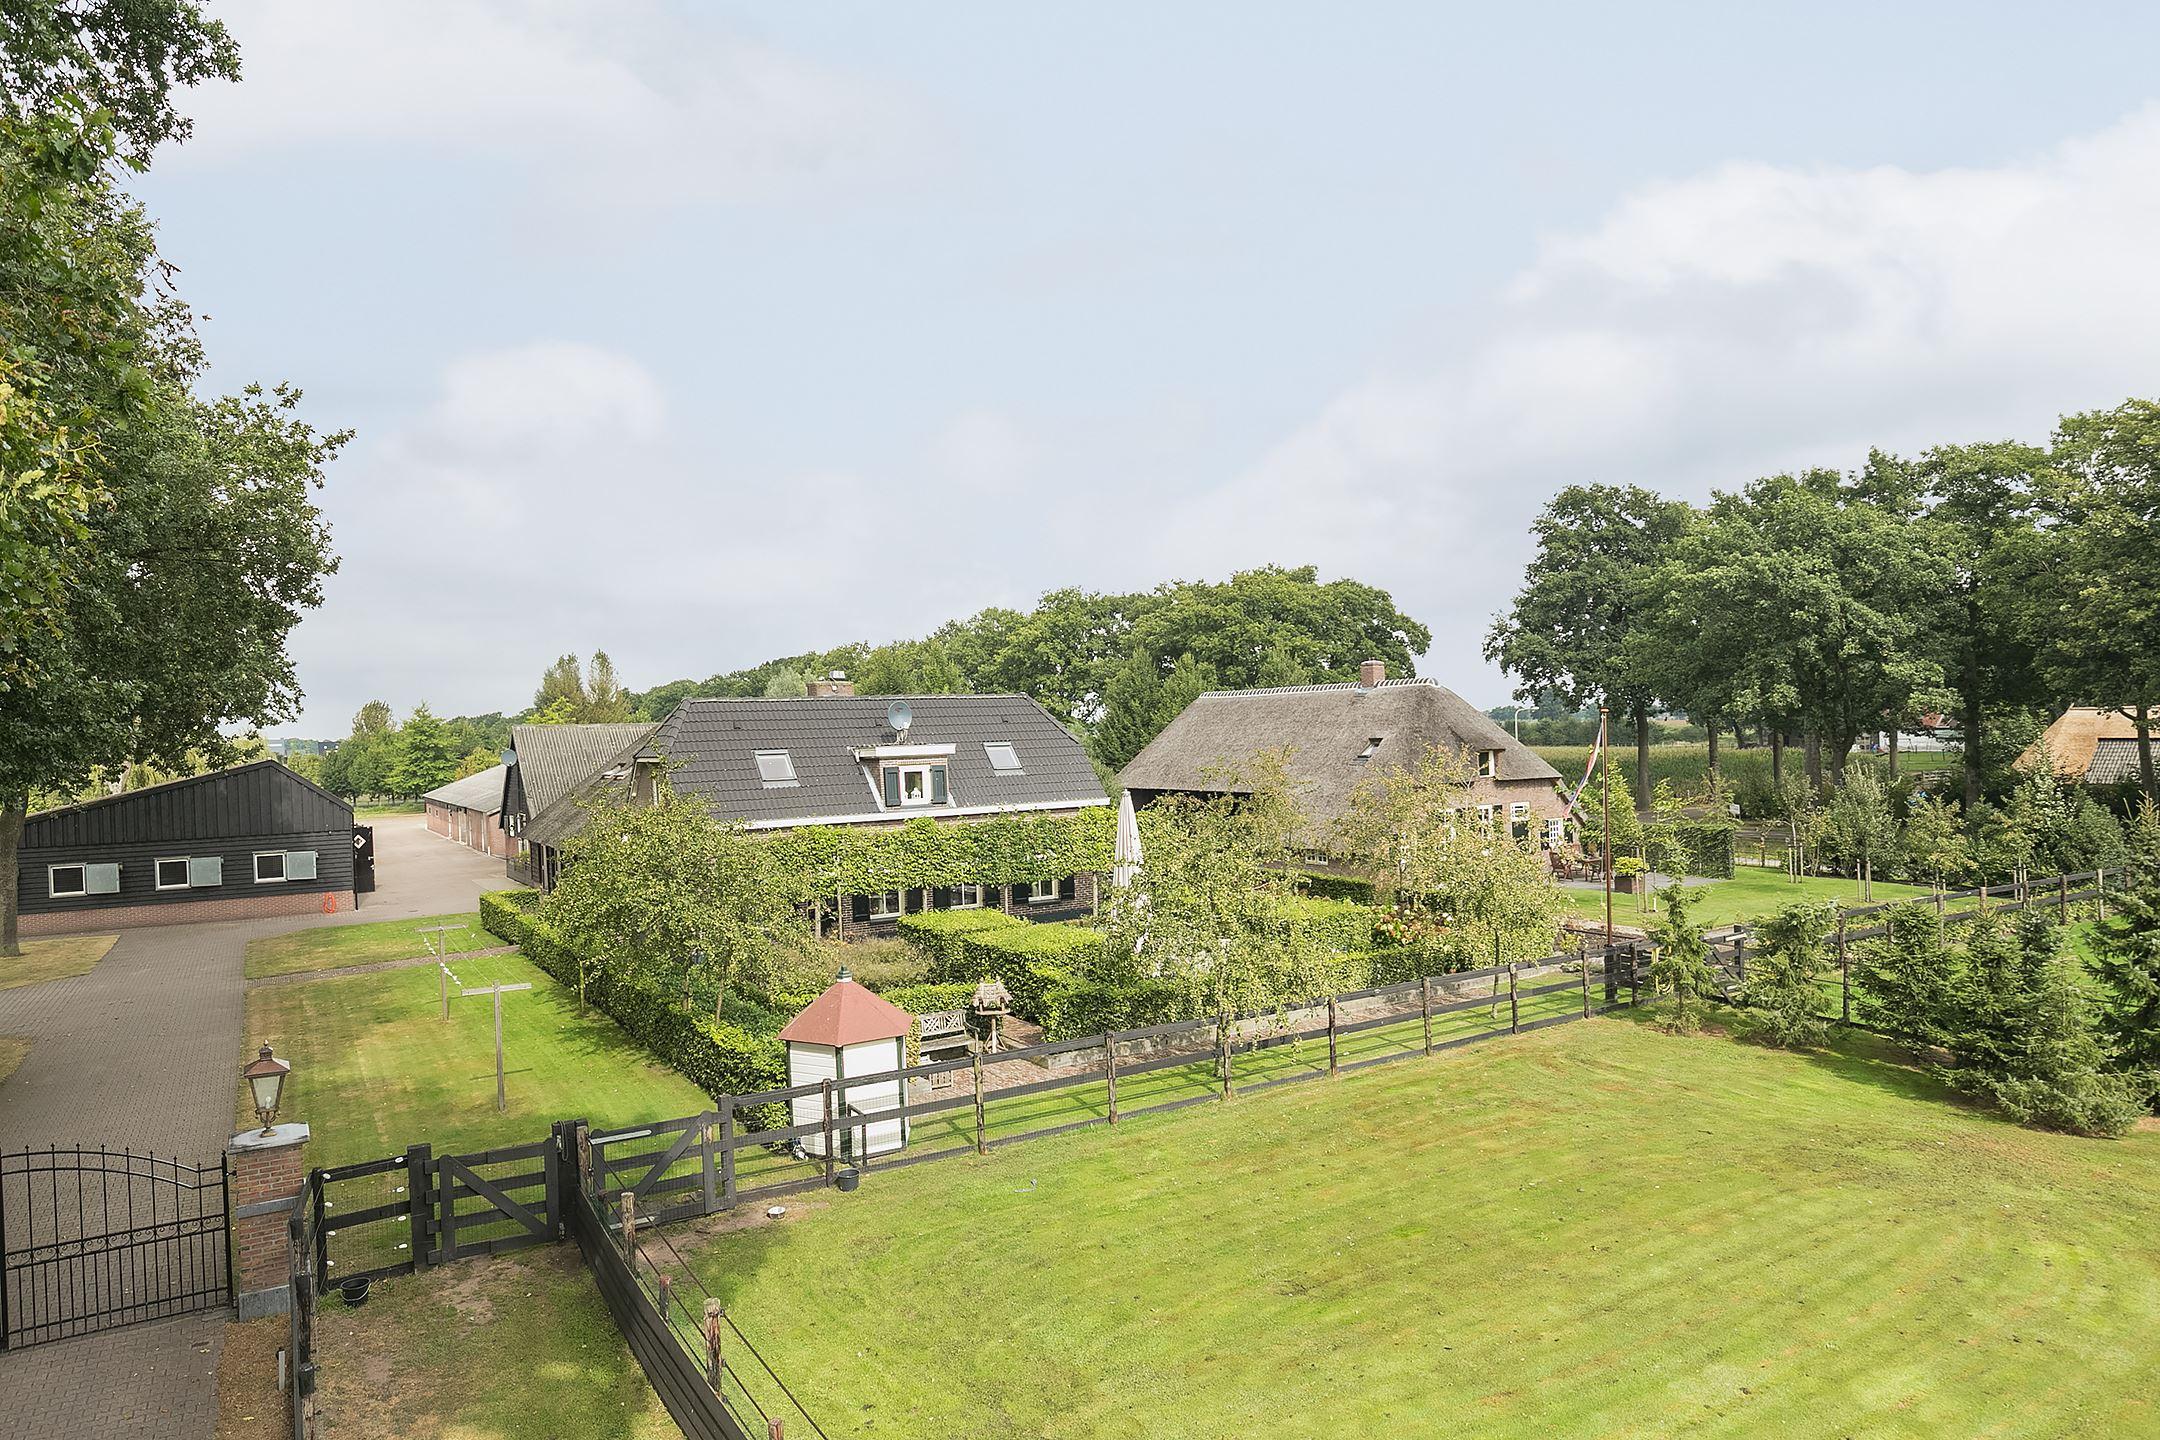 Photo of Fraai verbouwd landhuis met hippische accommodatie gelegen in Vechtdal